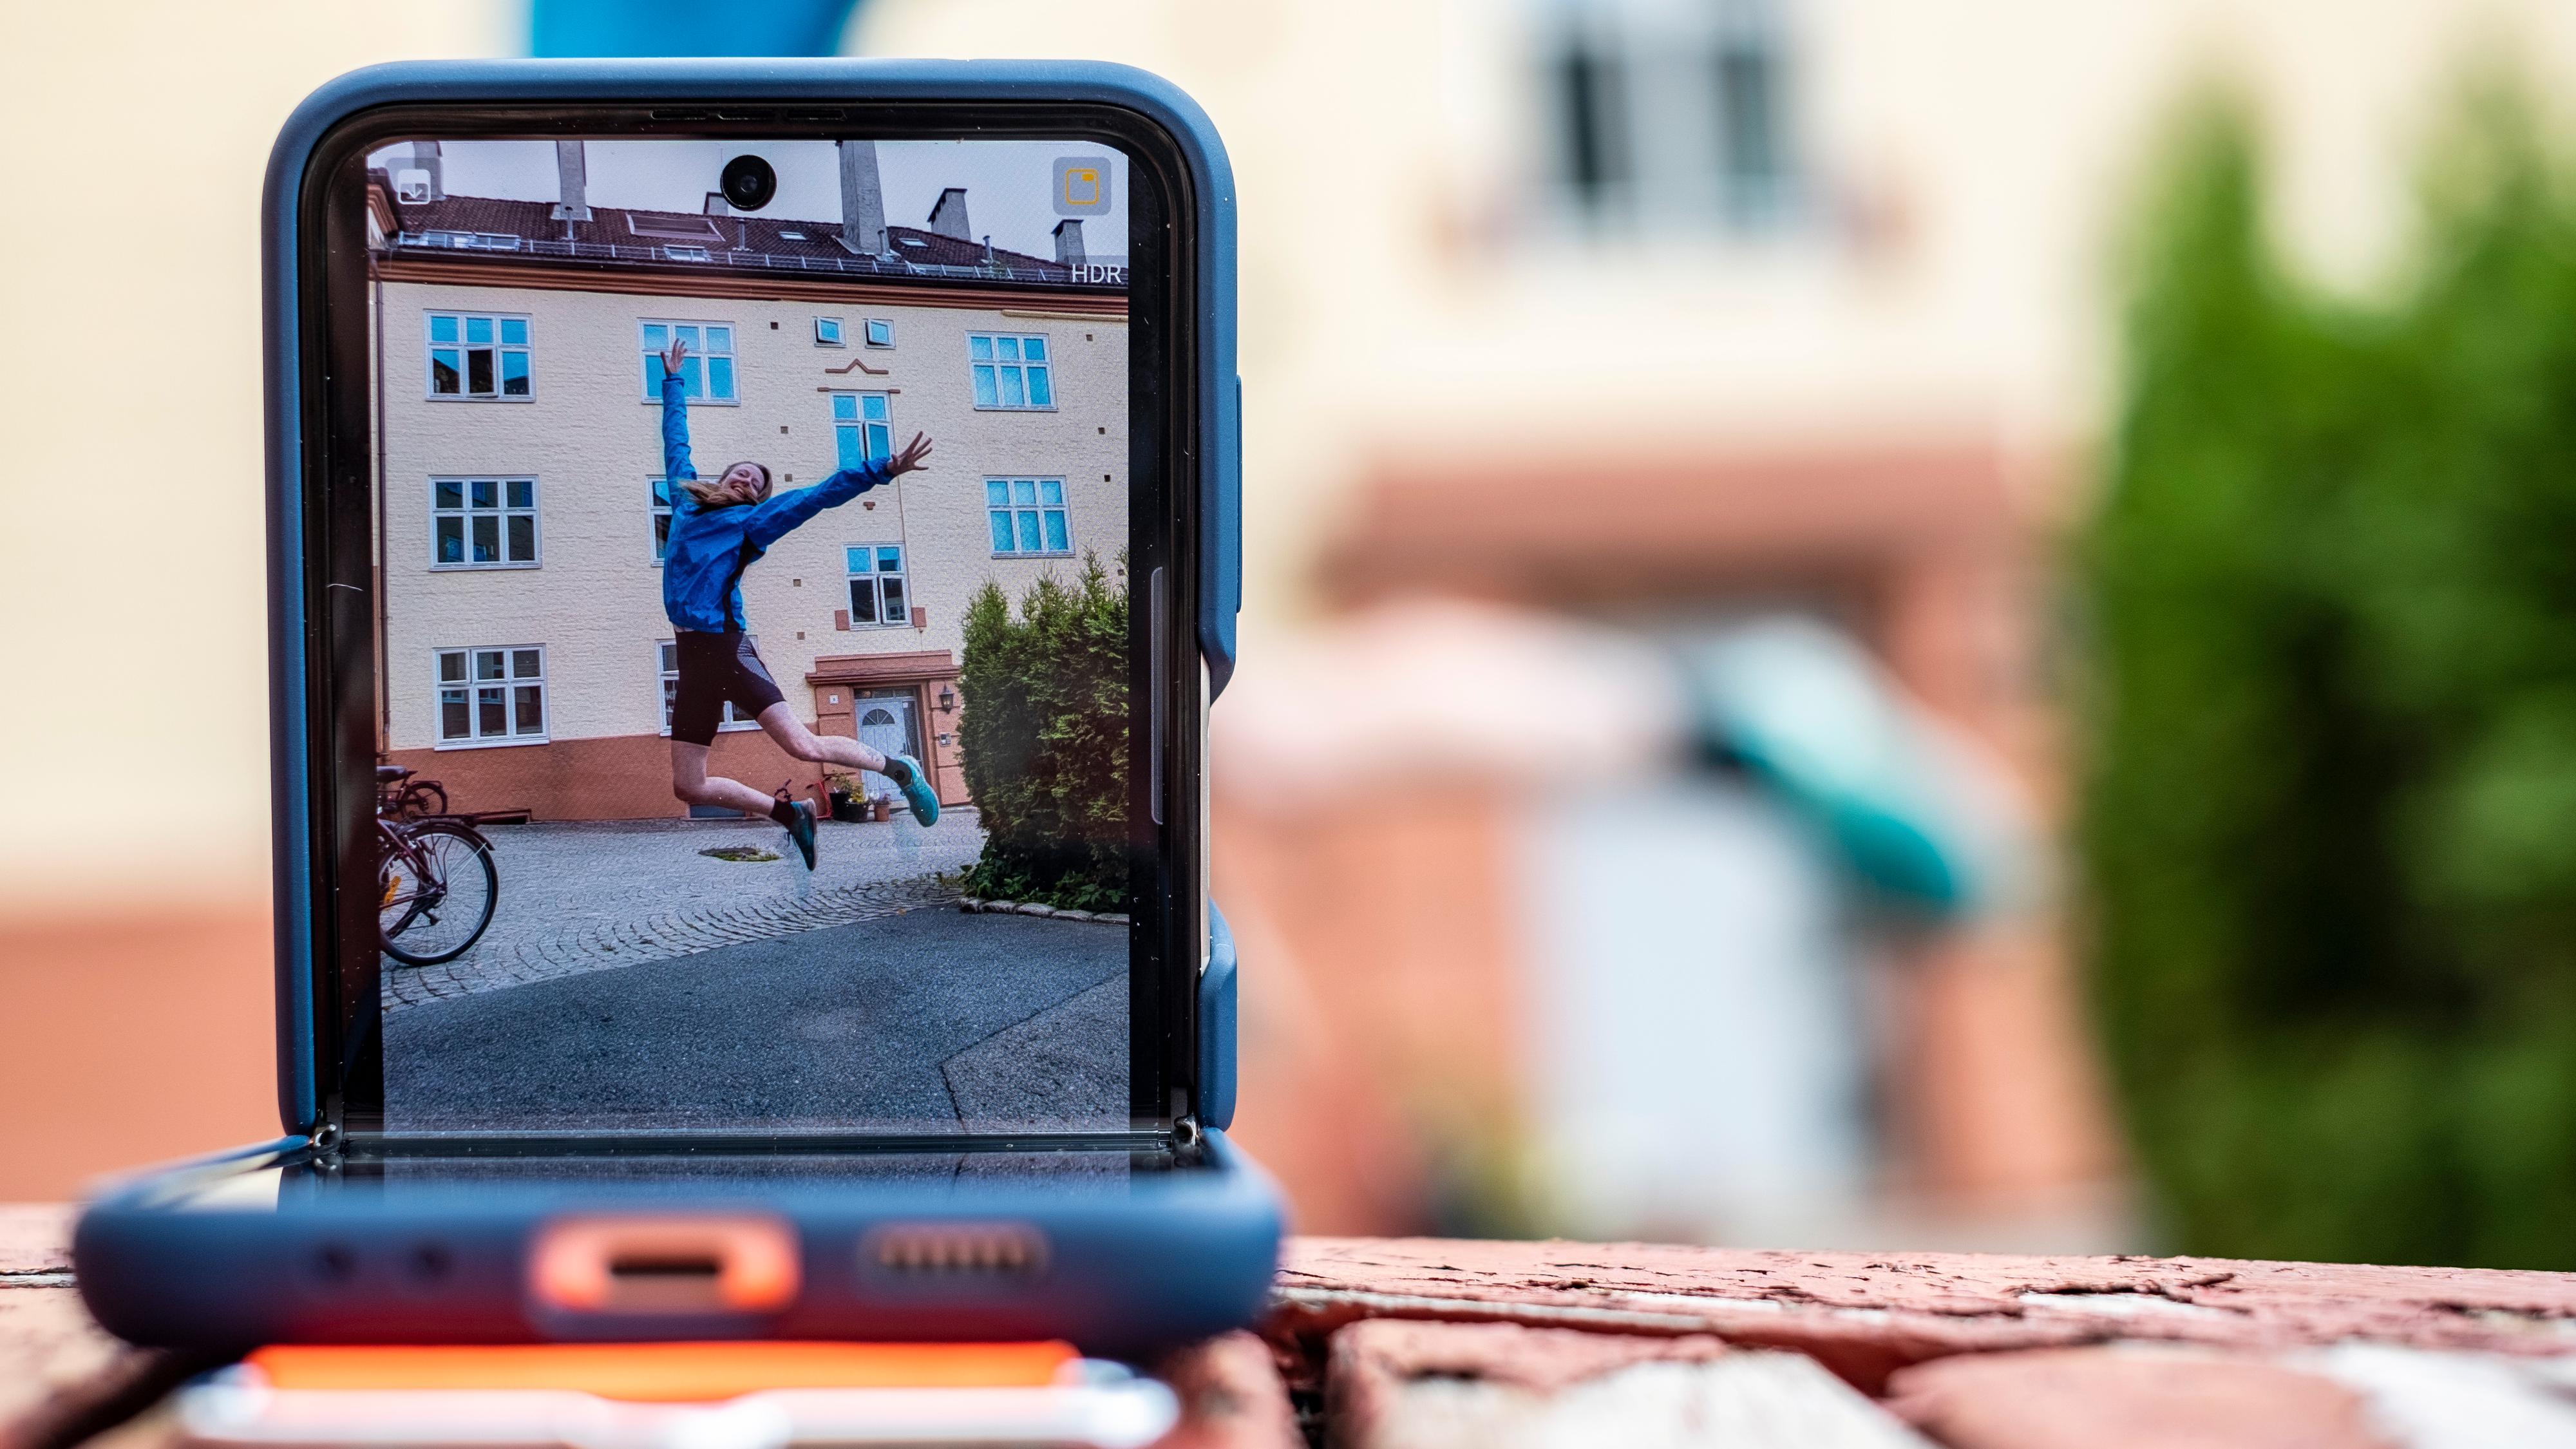 At mobilen kan være sitt eget stativ, med selvutløser og relativt raske kamera, gjør den til et svært morsomt leketøy.